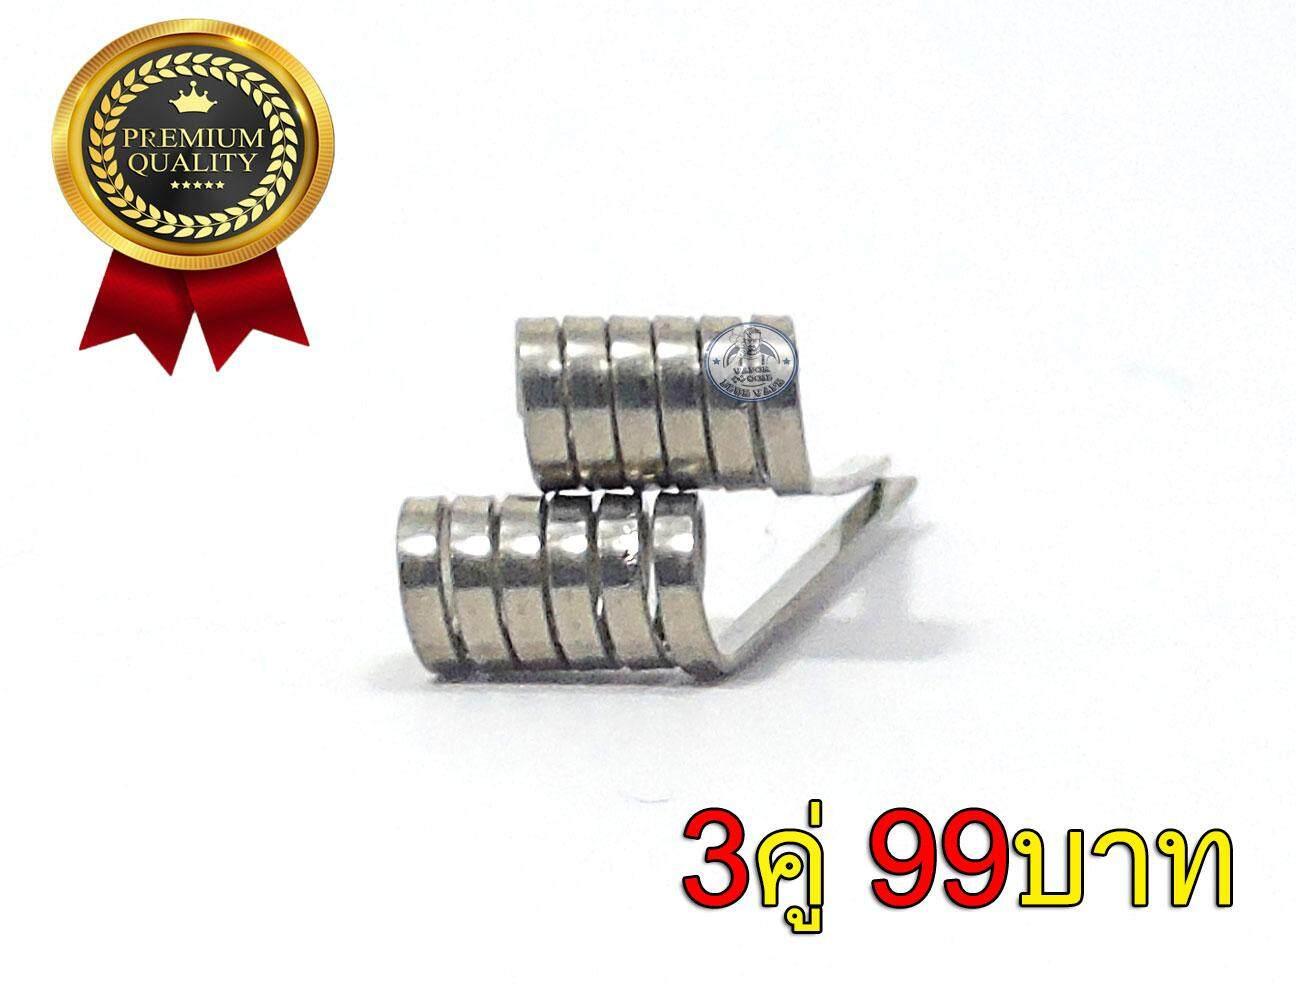 ลวดแบน Flat Coil Ni80 ลวดสำเร็จ 0.12ohm ลวดคิดนี่ Kidney Puncher จำนวน 3 คู่ 99 บาท By B Store.